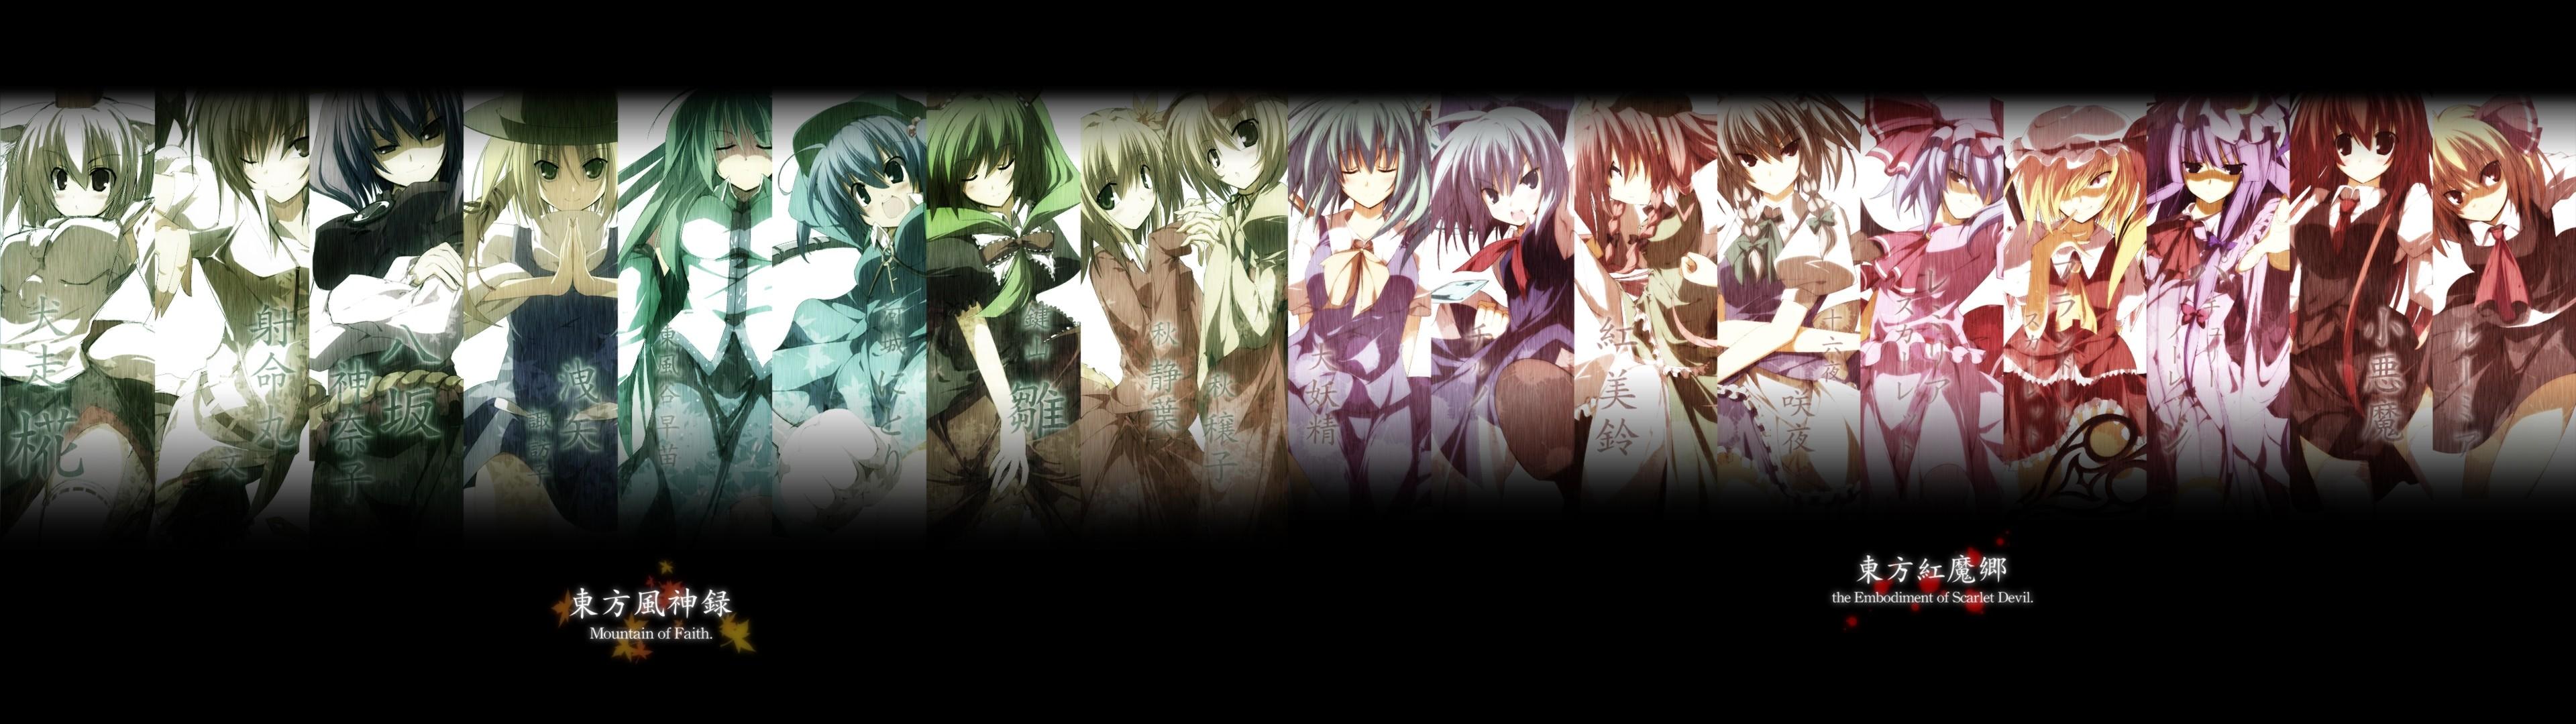 65 Anime Wallpaper 3840 1080